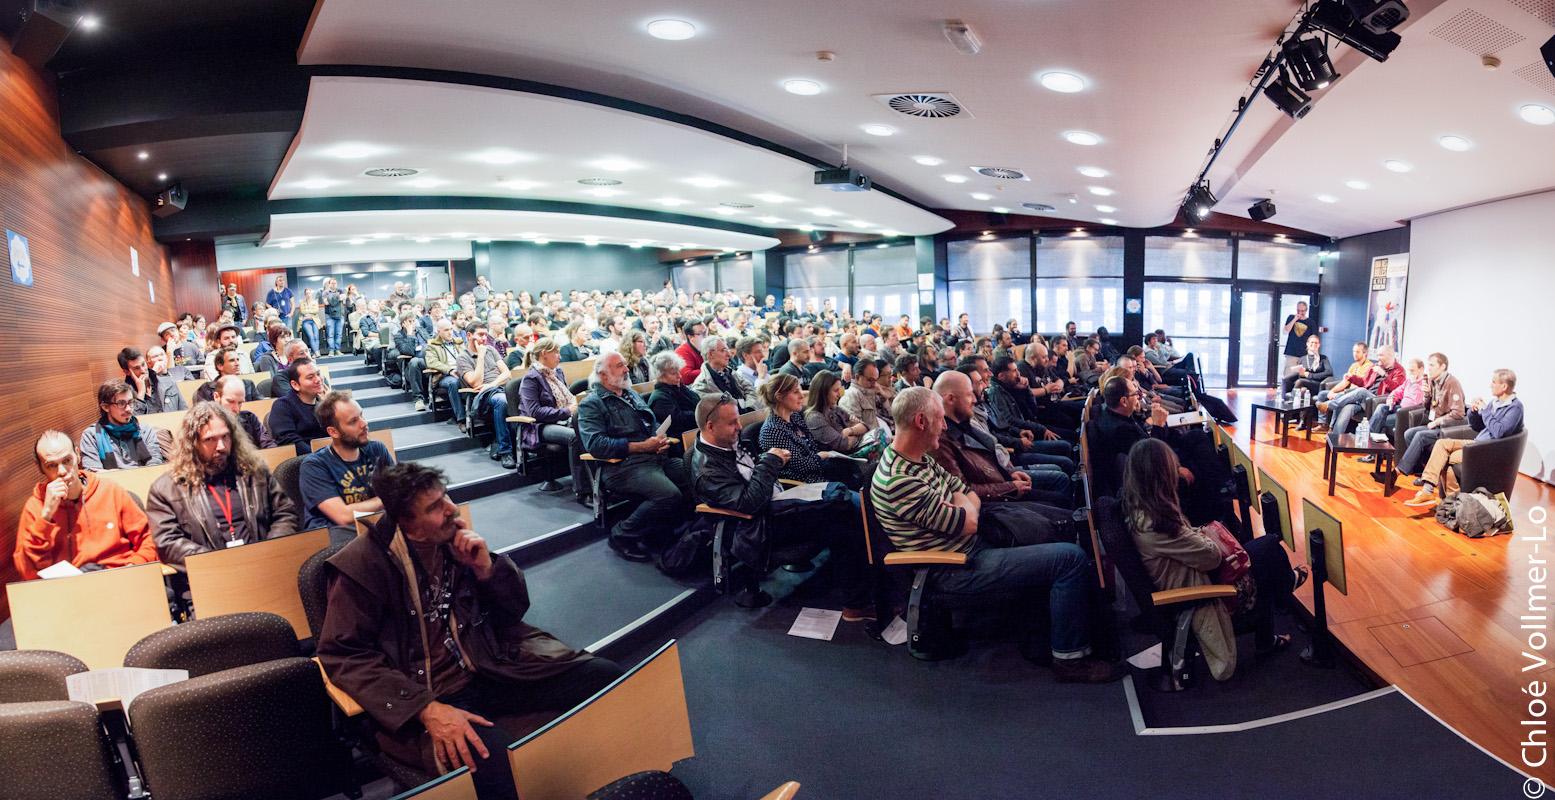 Débrayage et assemblée générale à Saint-Malo en octobre 2014 - Photo © Chloé Vollmer-Lo